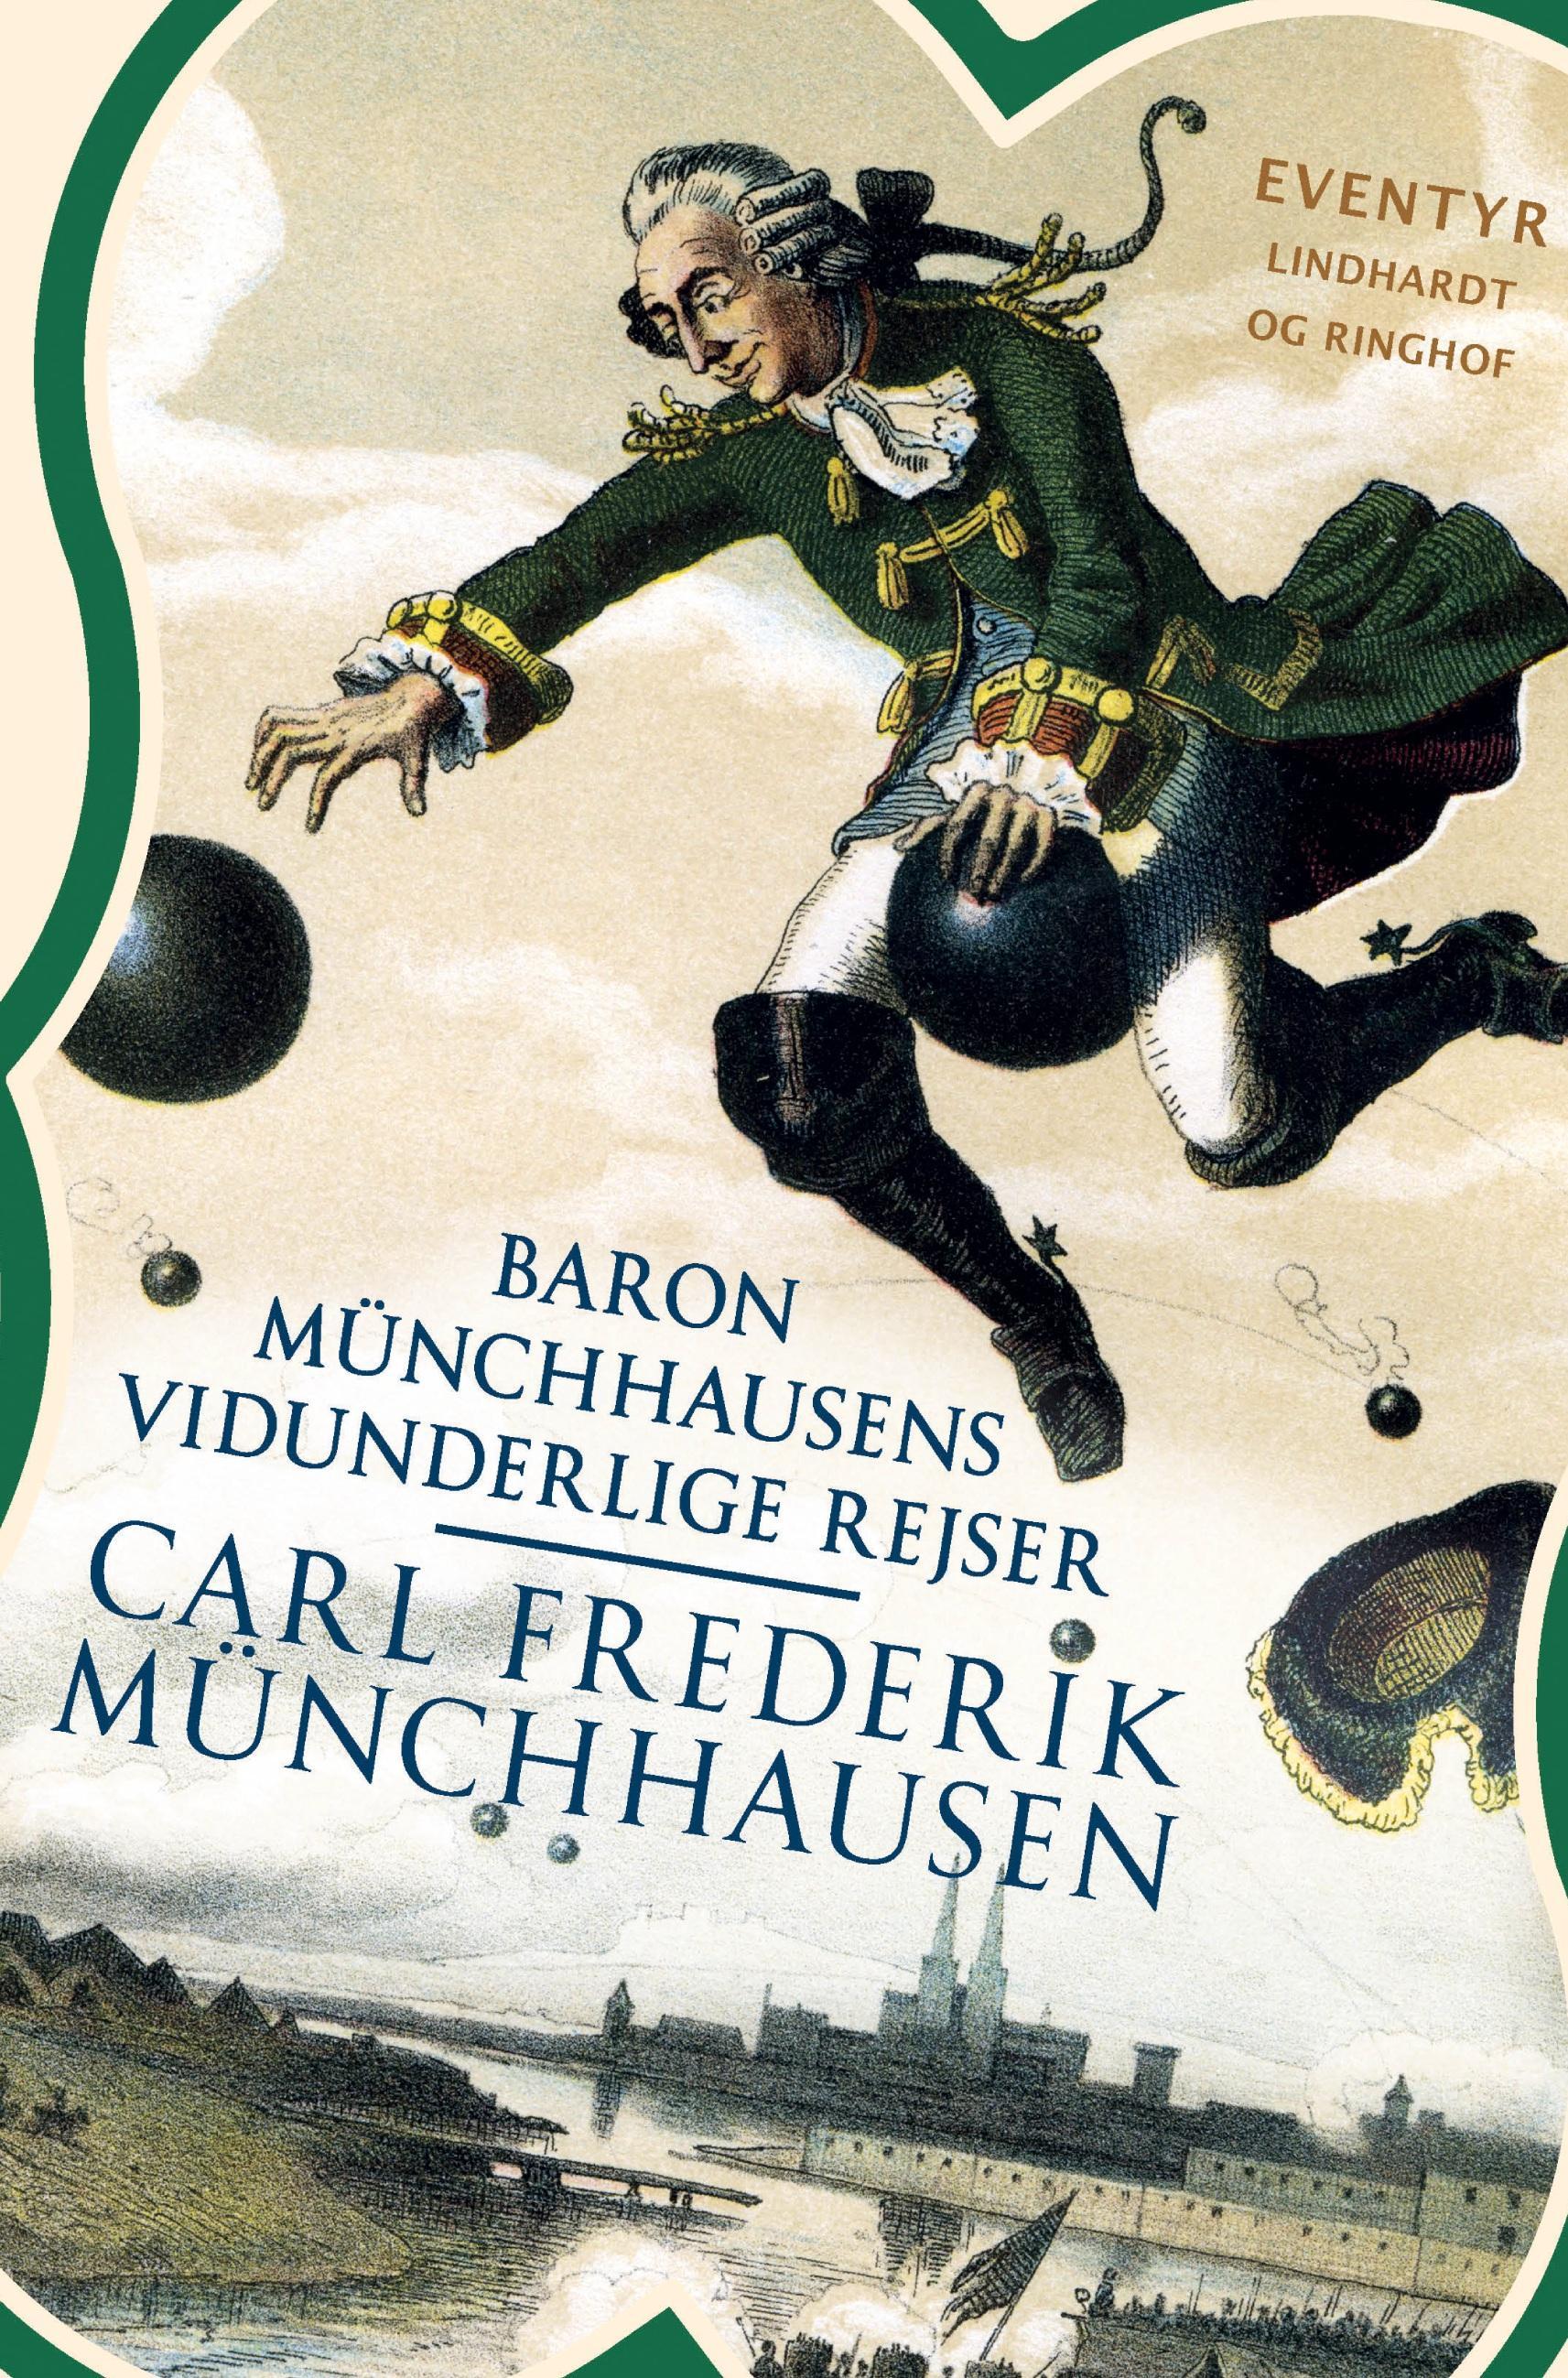 Baron Münchhausens vidunderlige rejser  Carl Frederik Münchhausen  Taschenbuch  Paperback  Dänisch  2021 - Münchhausen, Carl Frederik